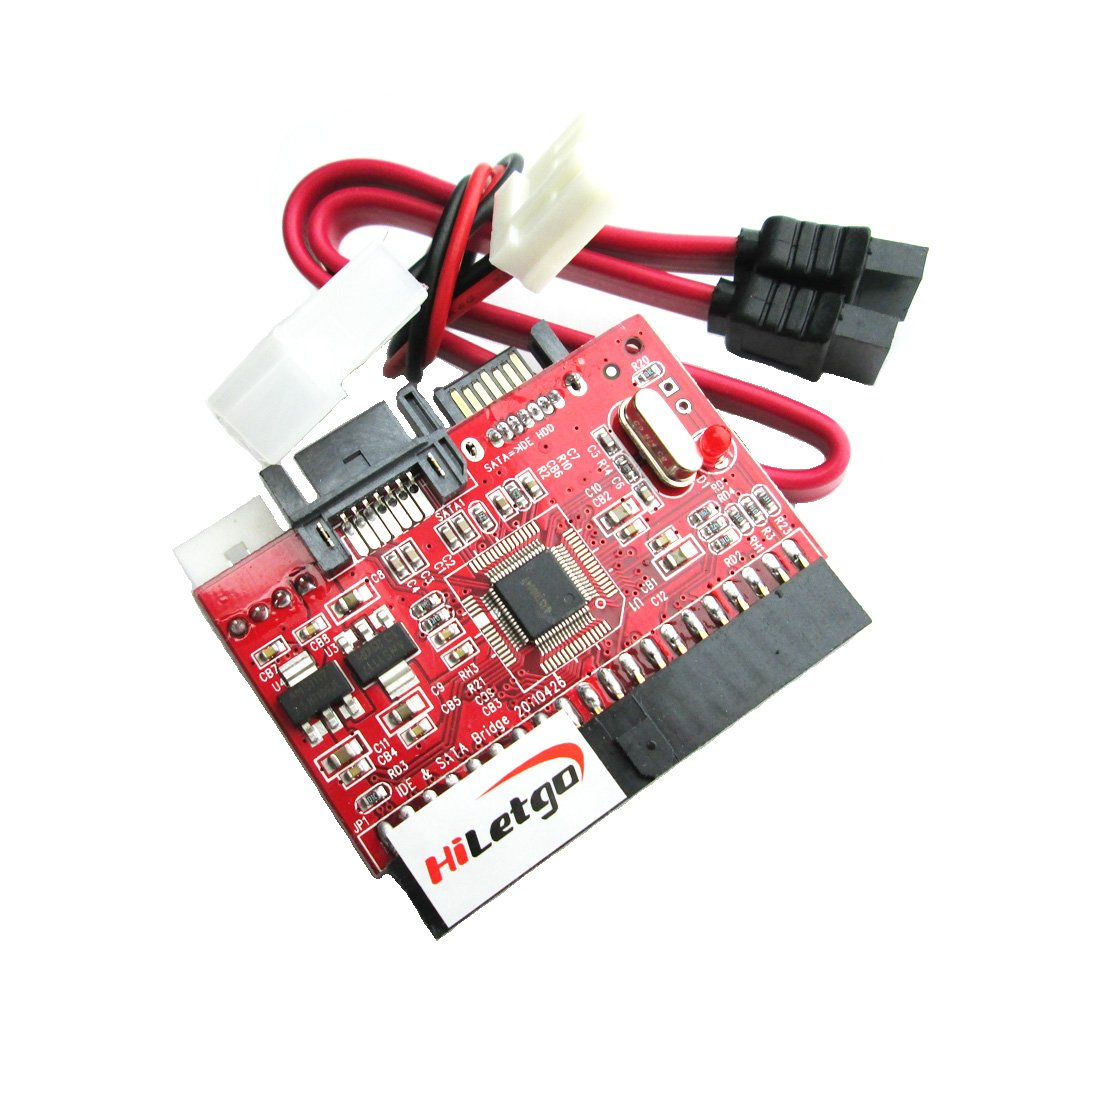 HiLetgo IDE to SATA SATA to IDE ATA ATAPI Serial HDD Mutual Converter Adapter with Cable HiLetgo®